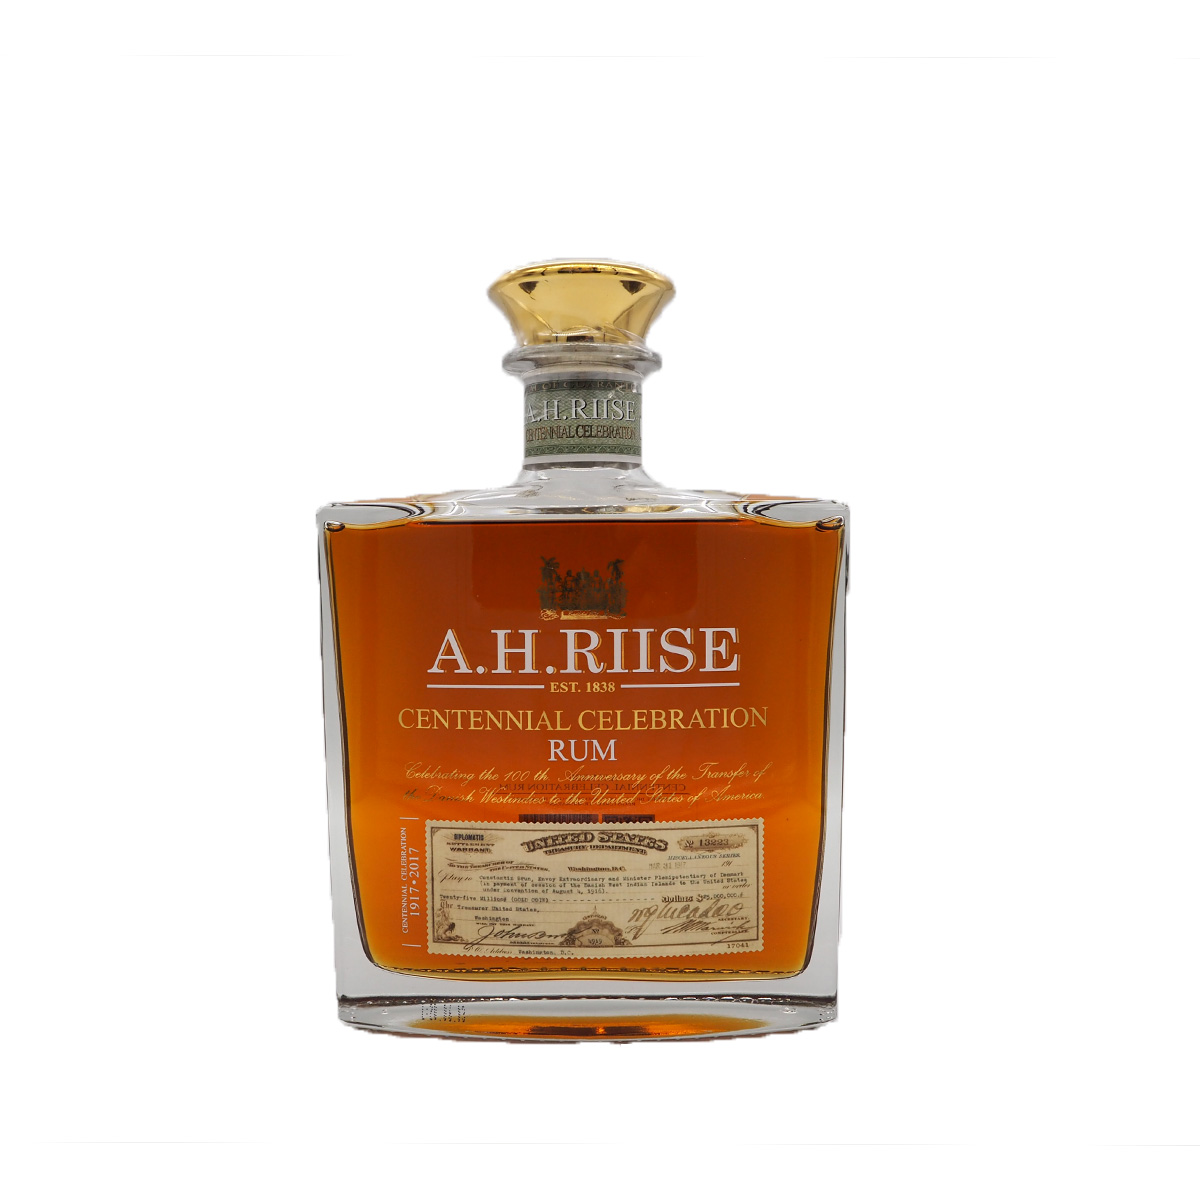 A. H. Riise Centennial Celebration